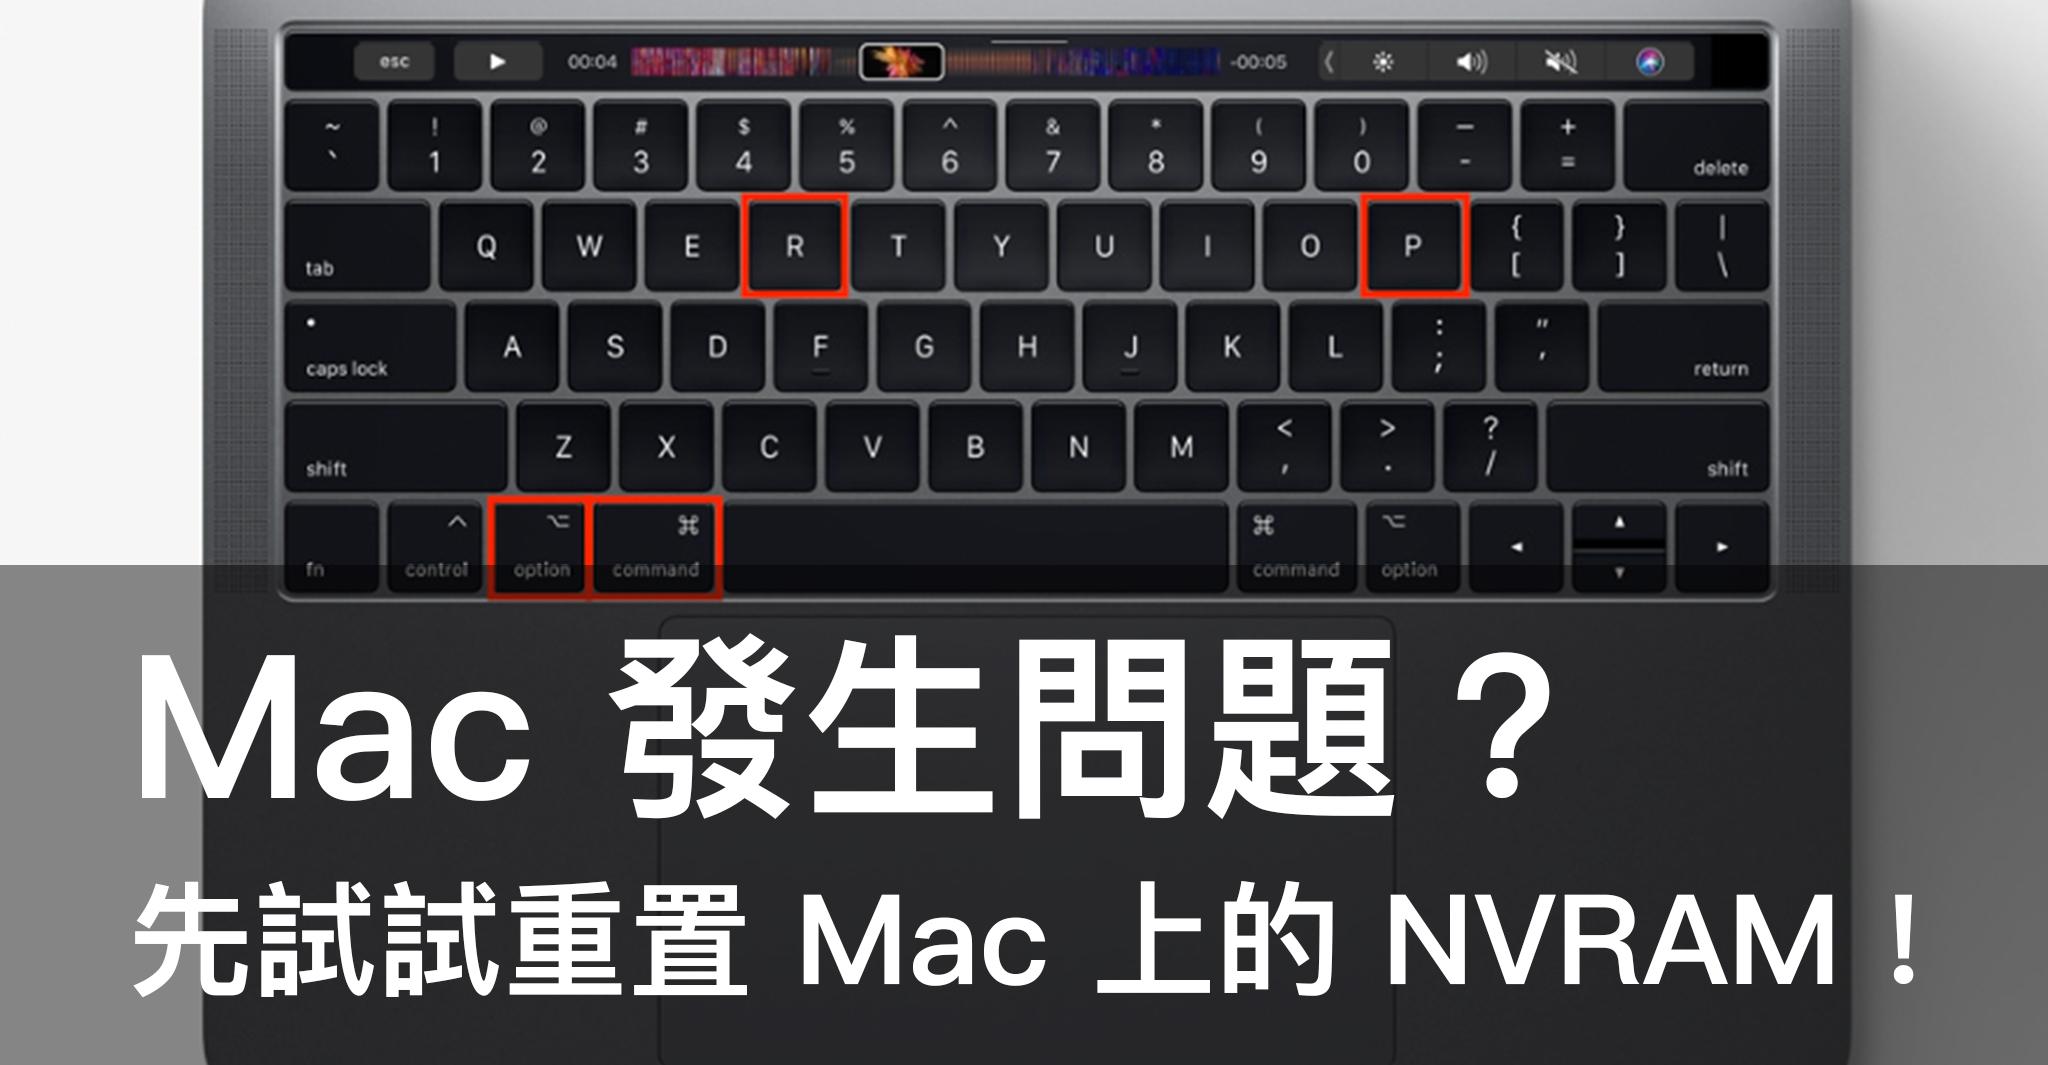 Mac 發生問題?先試試重置 Mac 上的 NVRAM!Banner